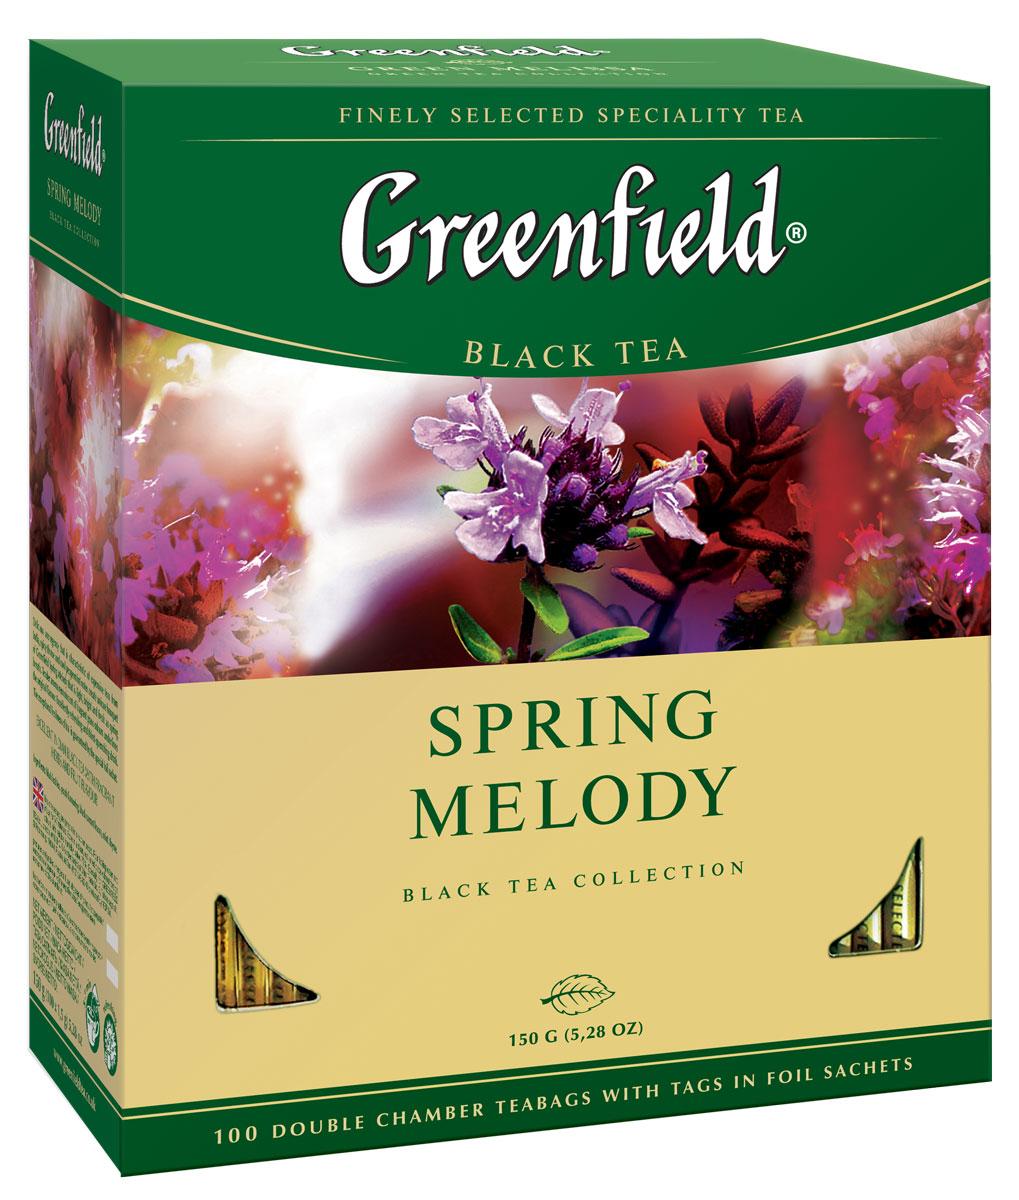 Greenfield Spring Melody черный чай в пакетиках, 100 шт greenfield barberry garden черный листовой чай 100 г